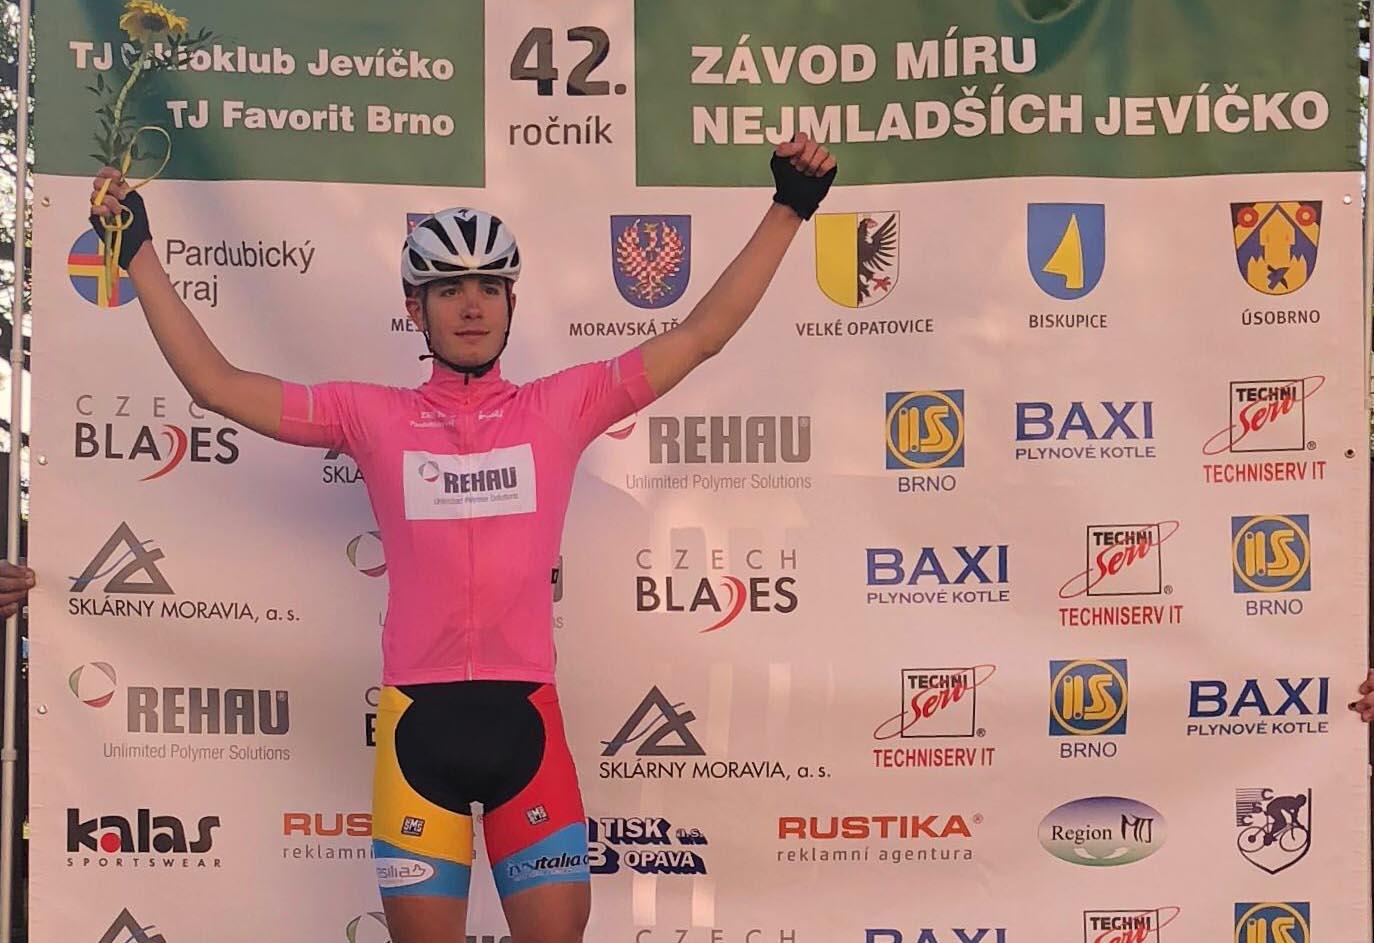 Giorgio Cometti vince la quarta tappa della 42/a Závod míru nejmladších